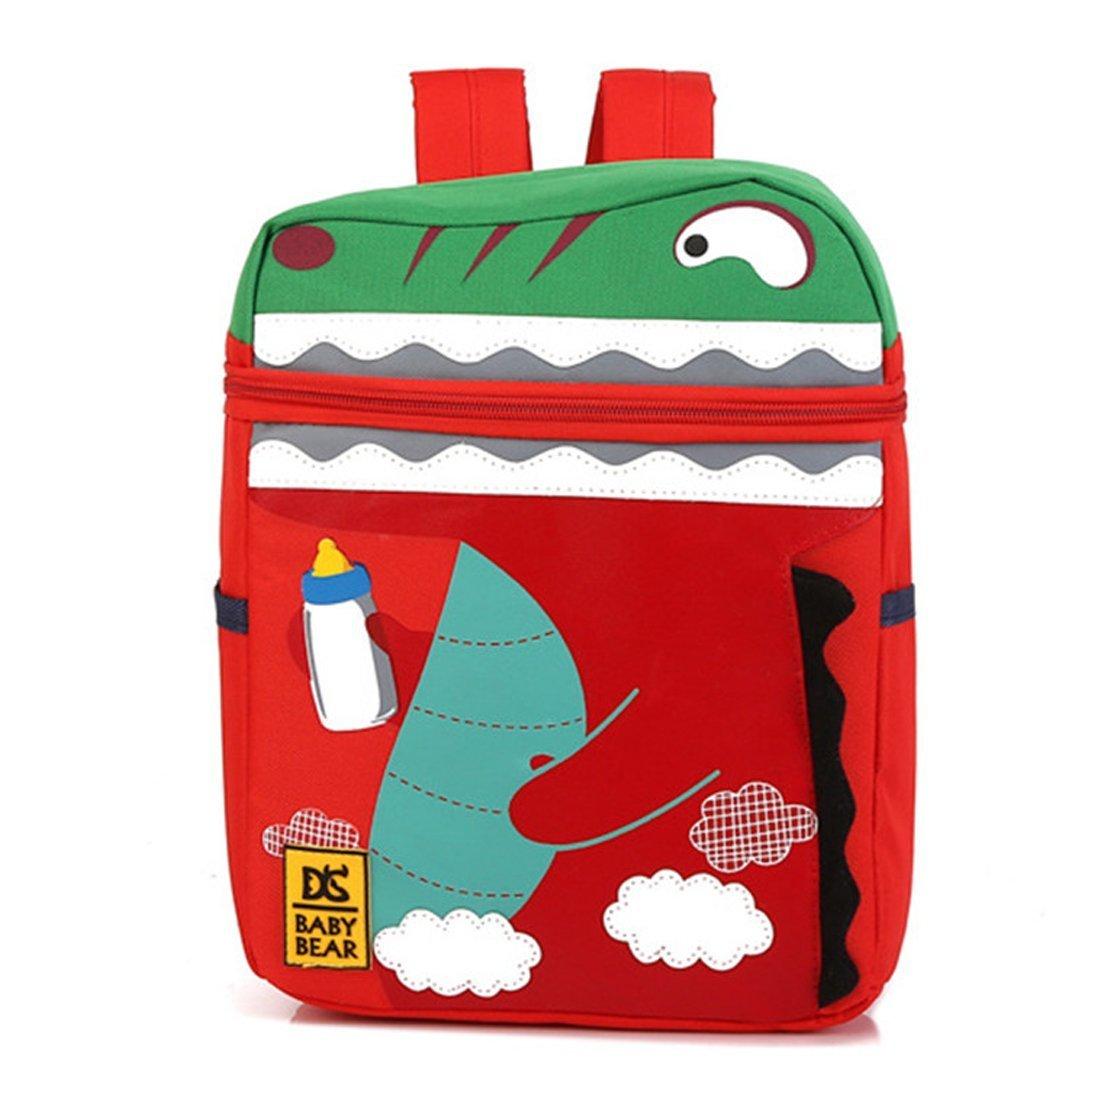 Lounayy Mochila para niños Mochila Escolar Estampado de Dibujos Animados Mochilas ultraligeras Escolar Kawaii Mochilas niños Unisex 1 a 4 Grado: Amazon.es: ...